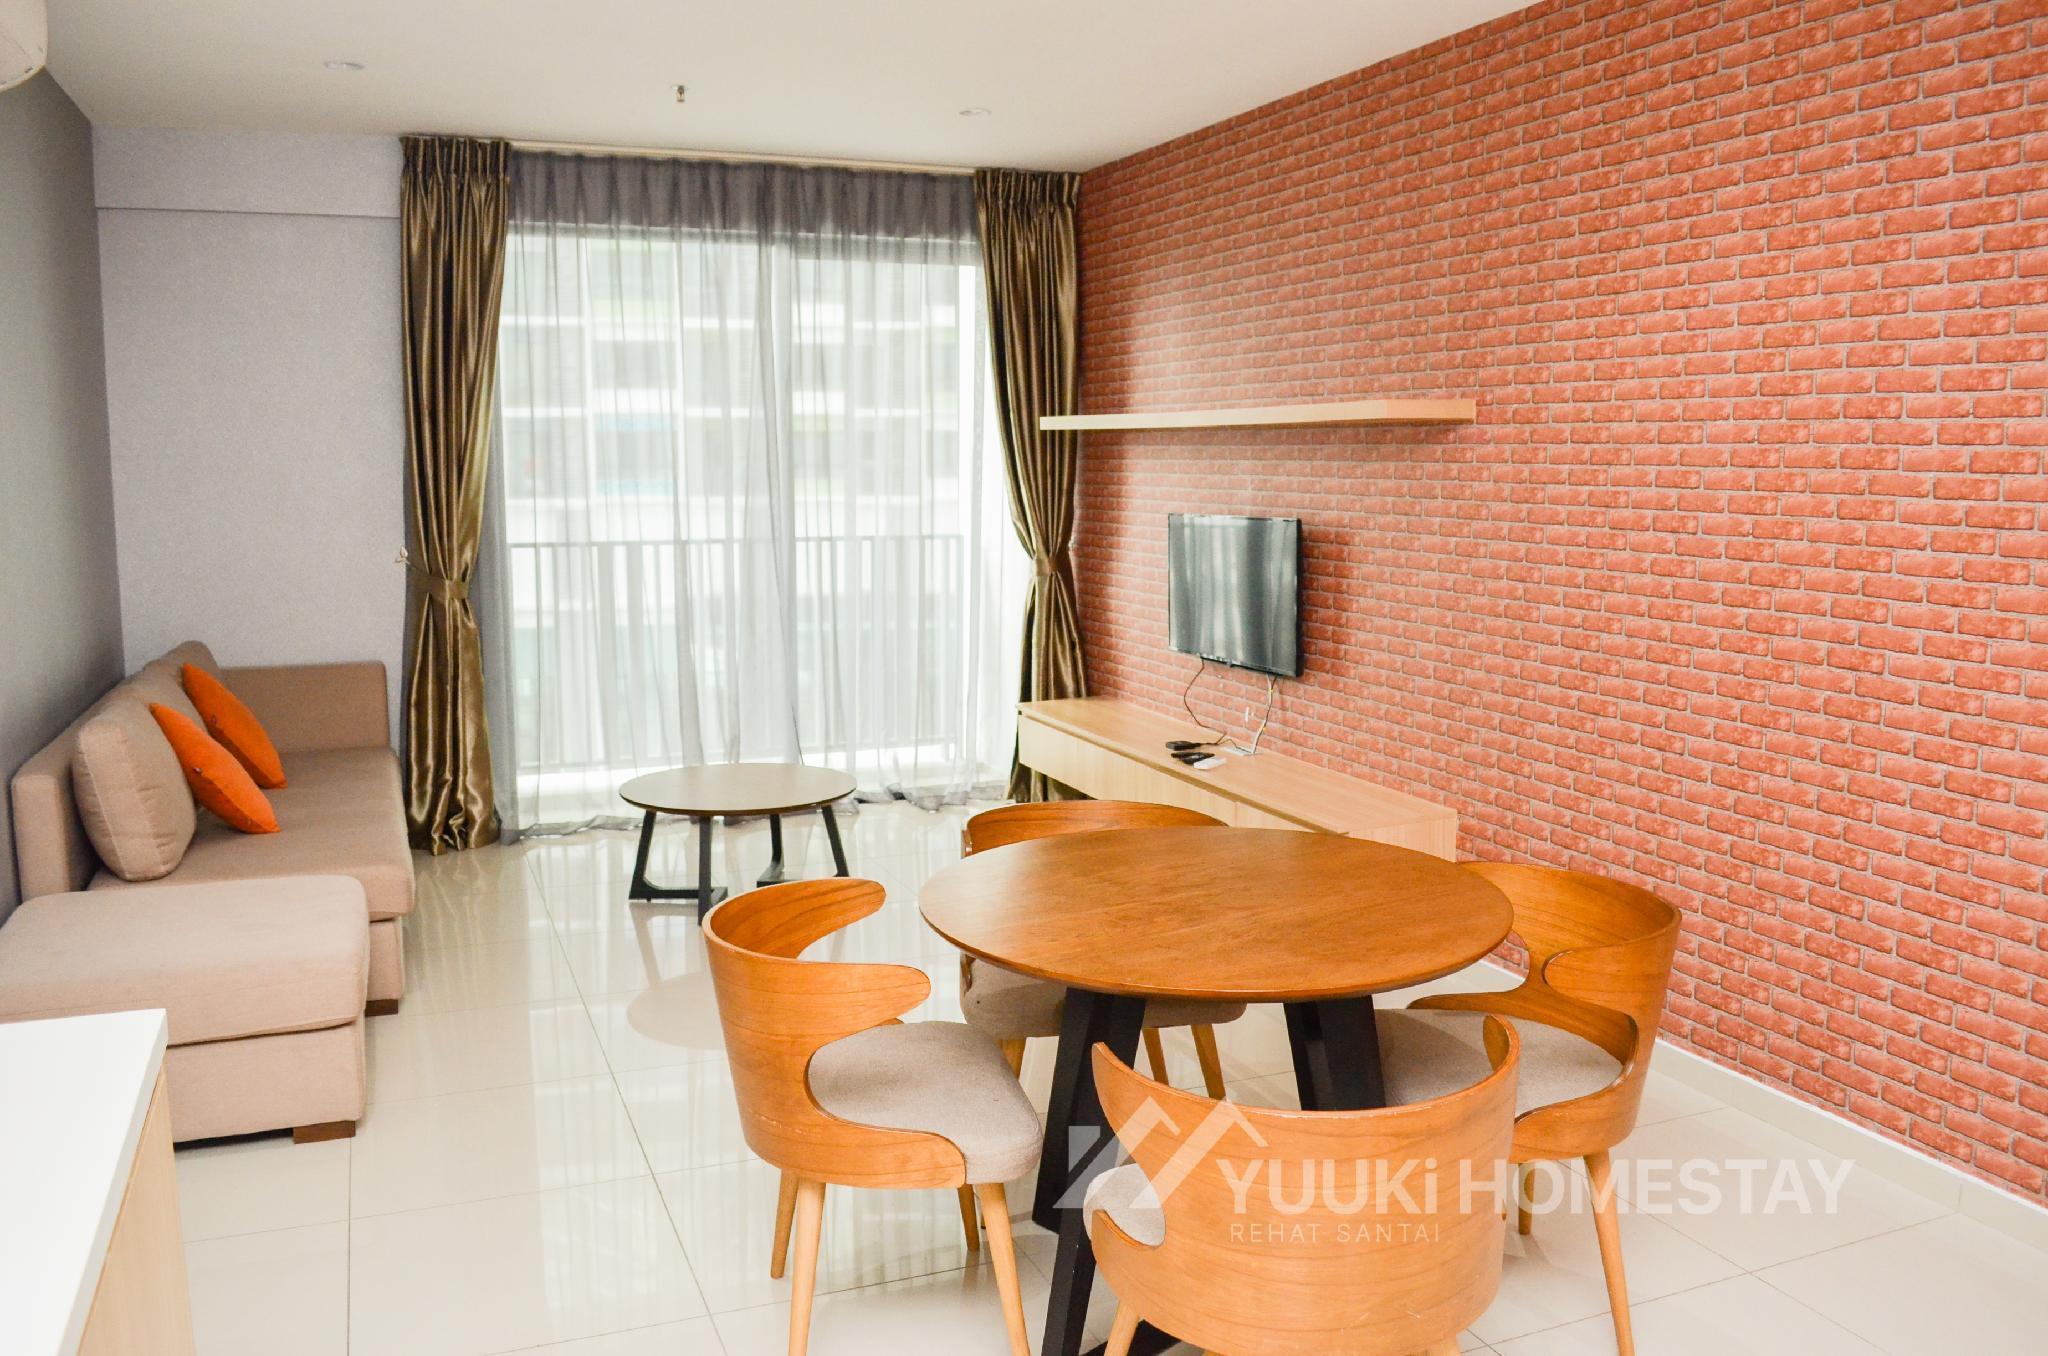 I City @I Soho 2 Bedrooms@ YuukiHomestay  T029